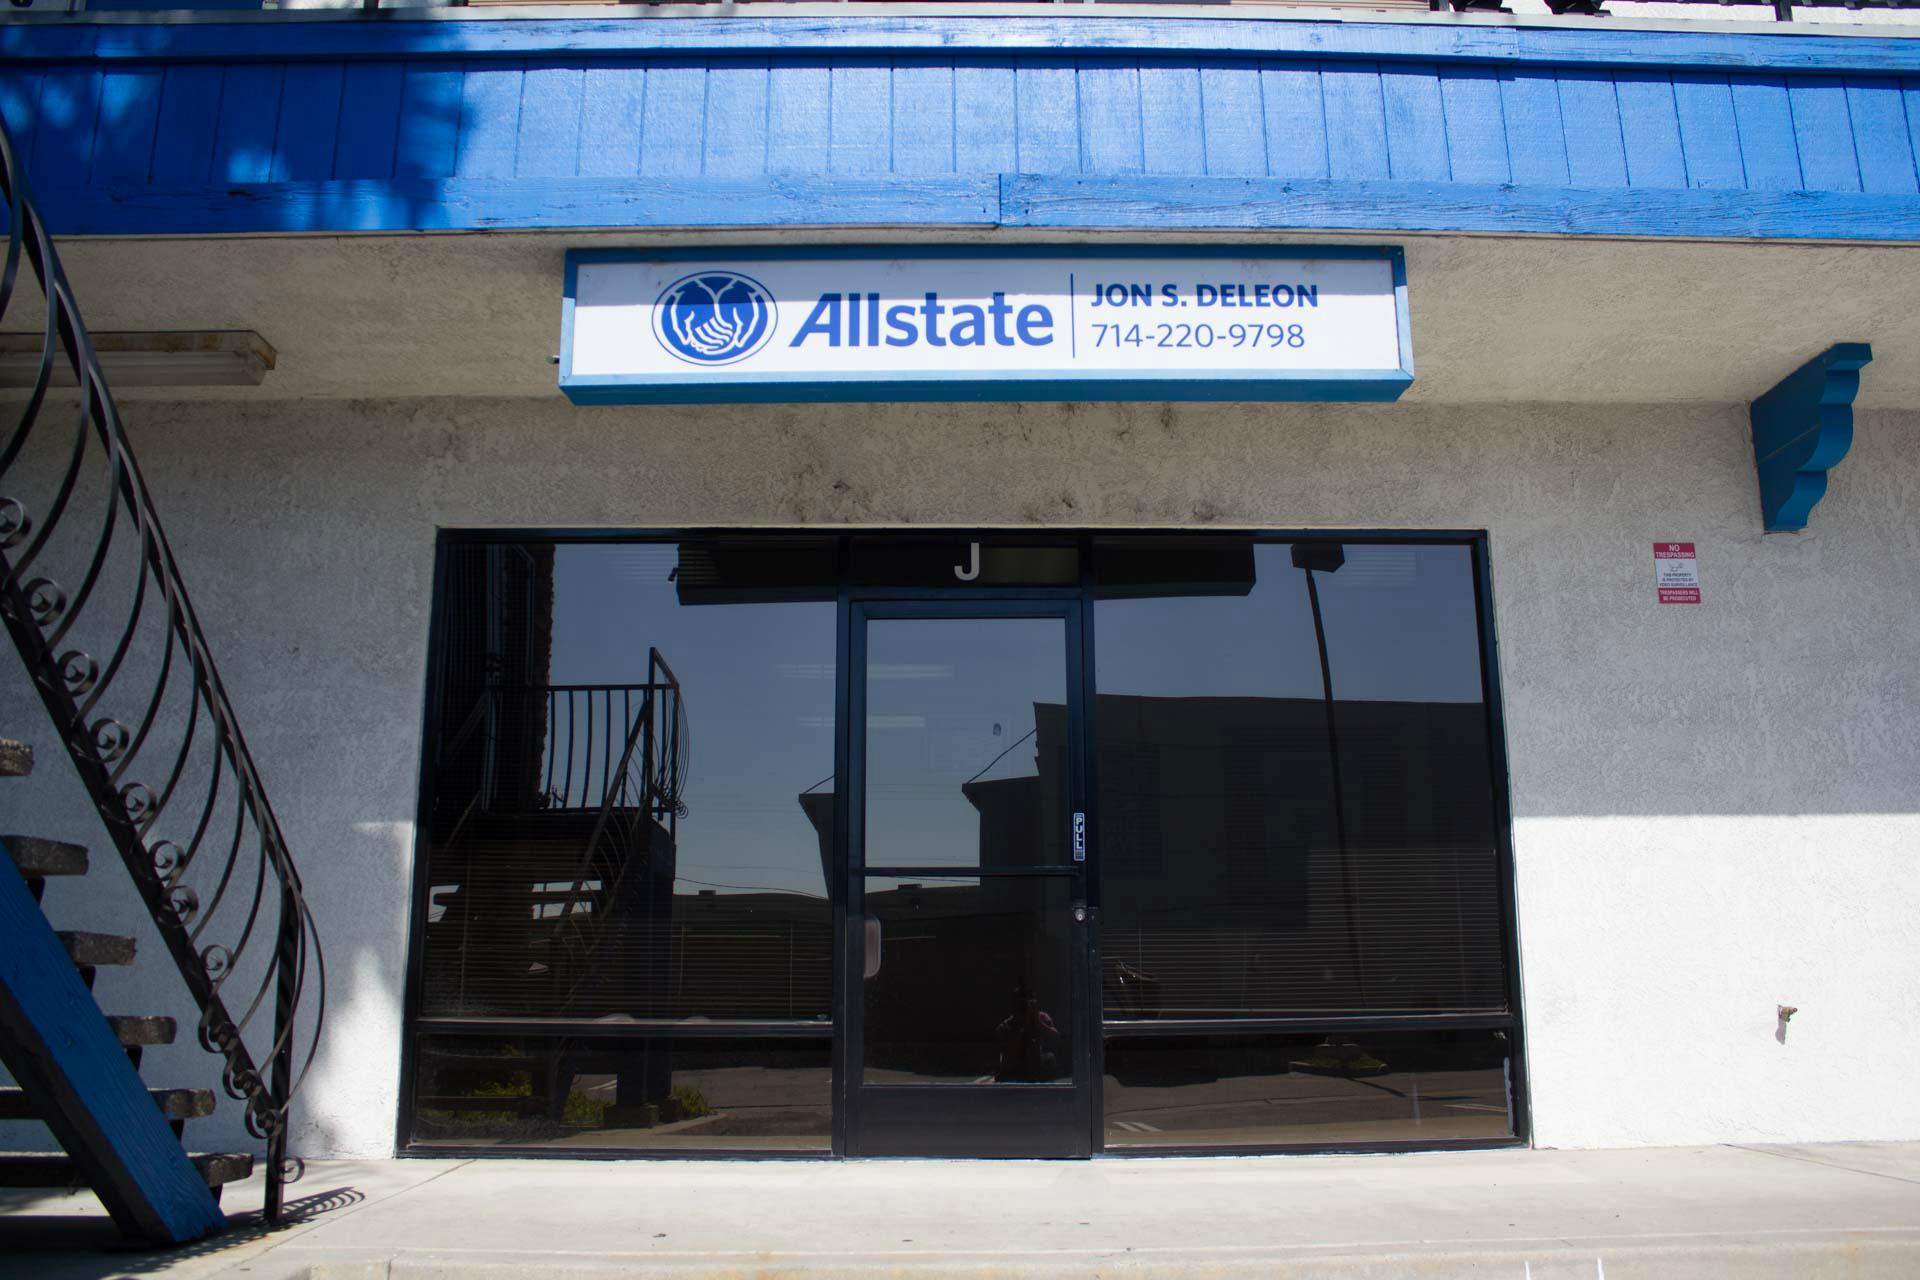 Jon De Leon: Allstate Insurance image 1